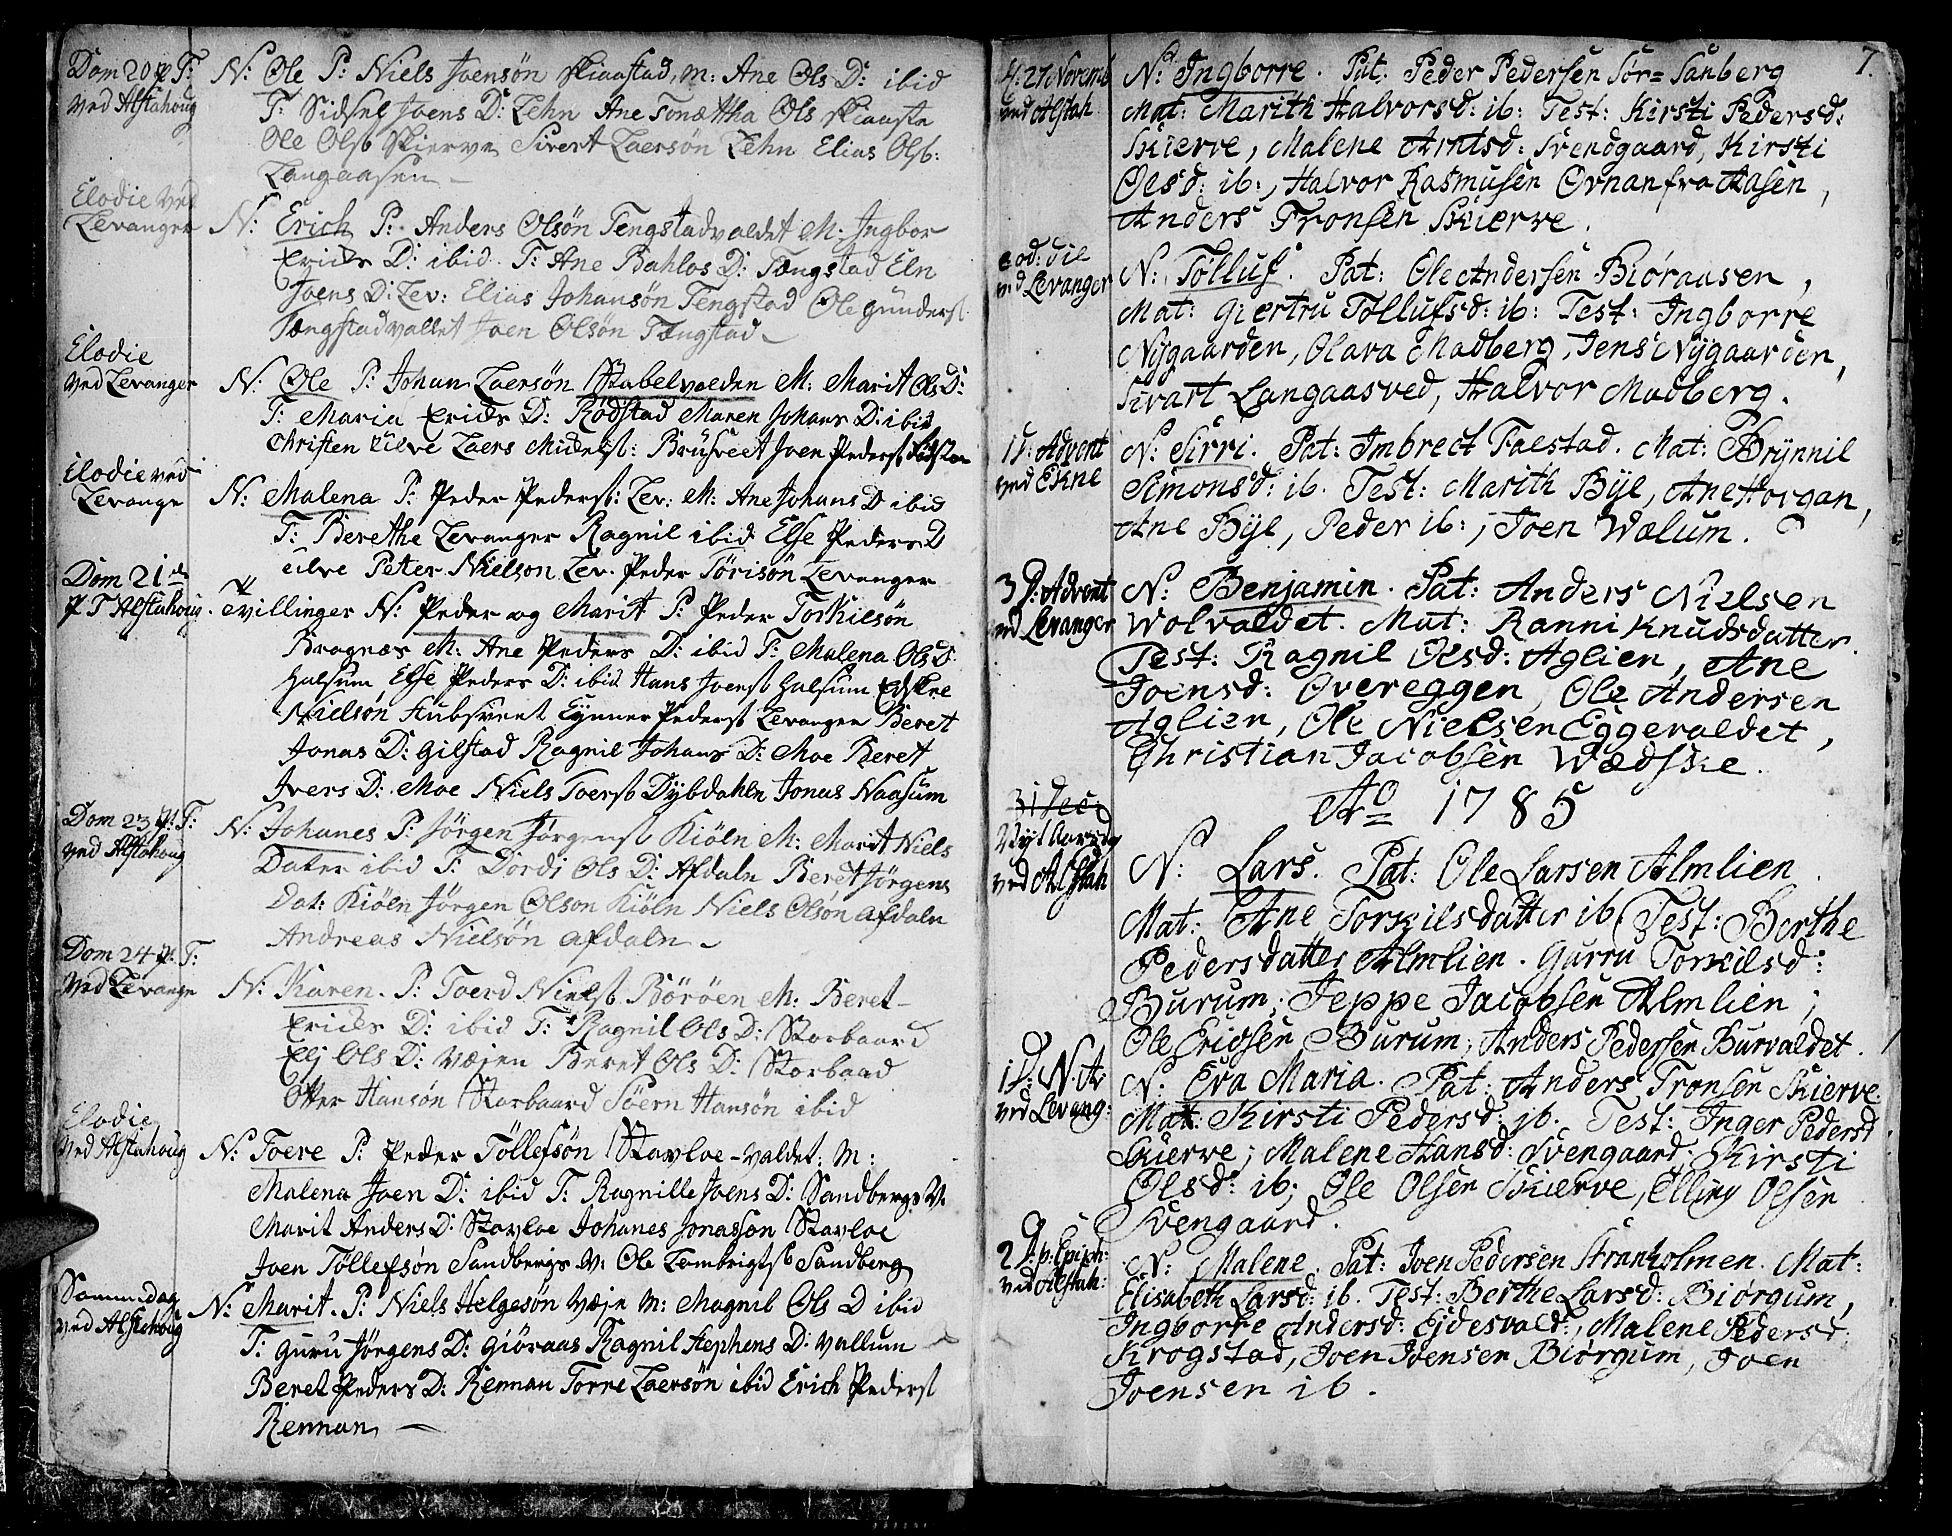 SAT, Ministerialprotokoller, klokkerbøker og fødselsregistre - Nord-Trøndelag, 717/L0142: Ministerialbok nr. 717A02 /1, 1783-1809, s. 7